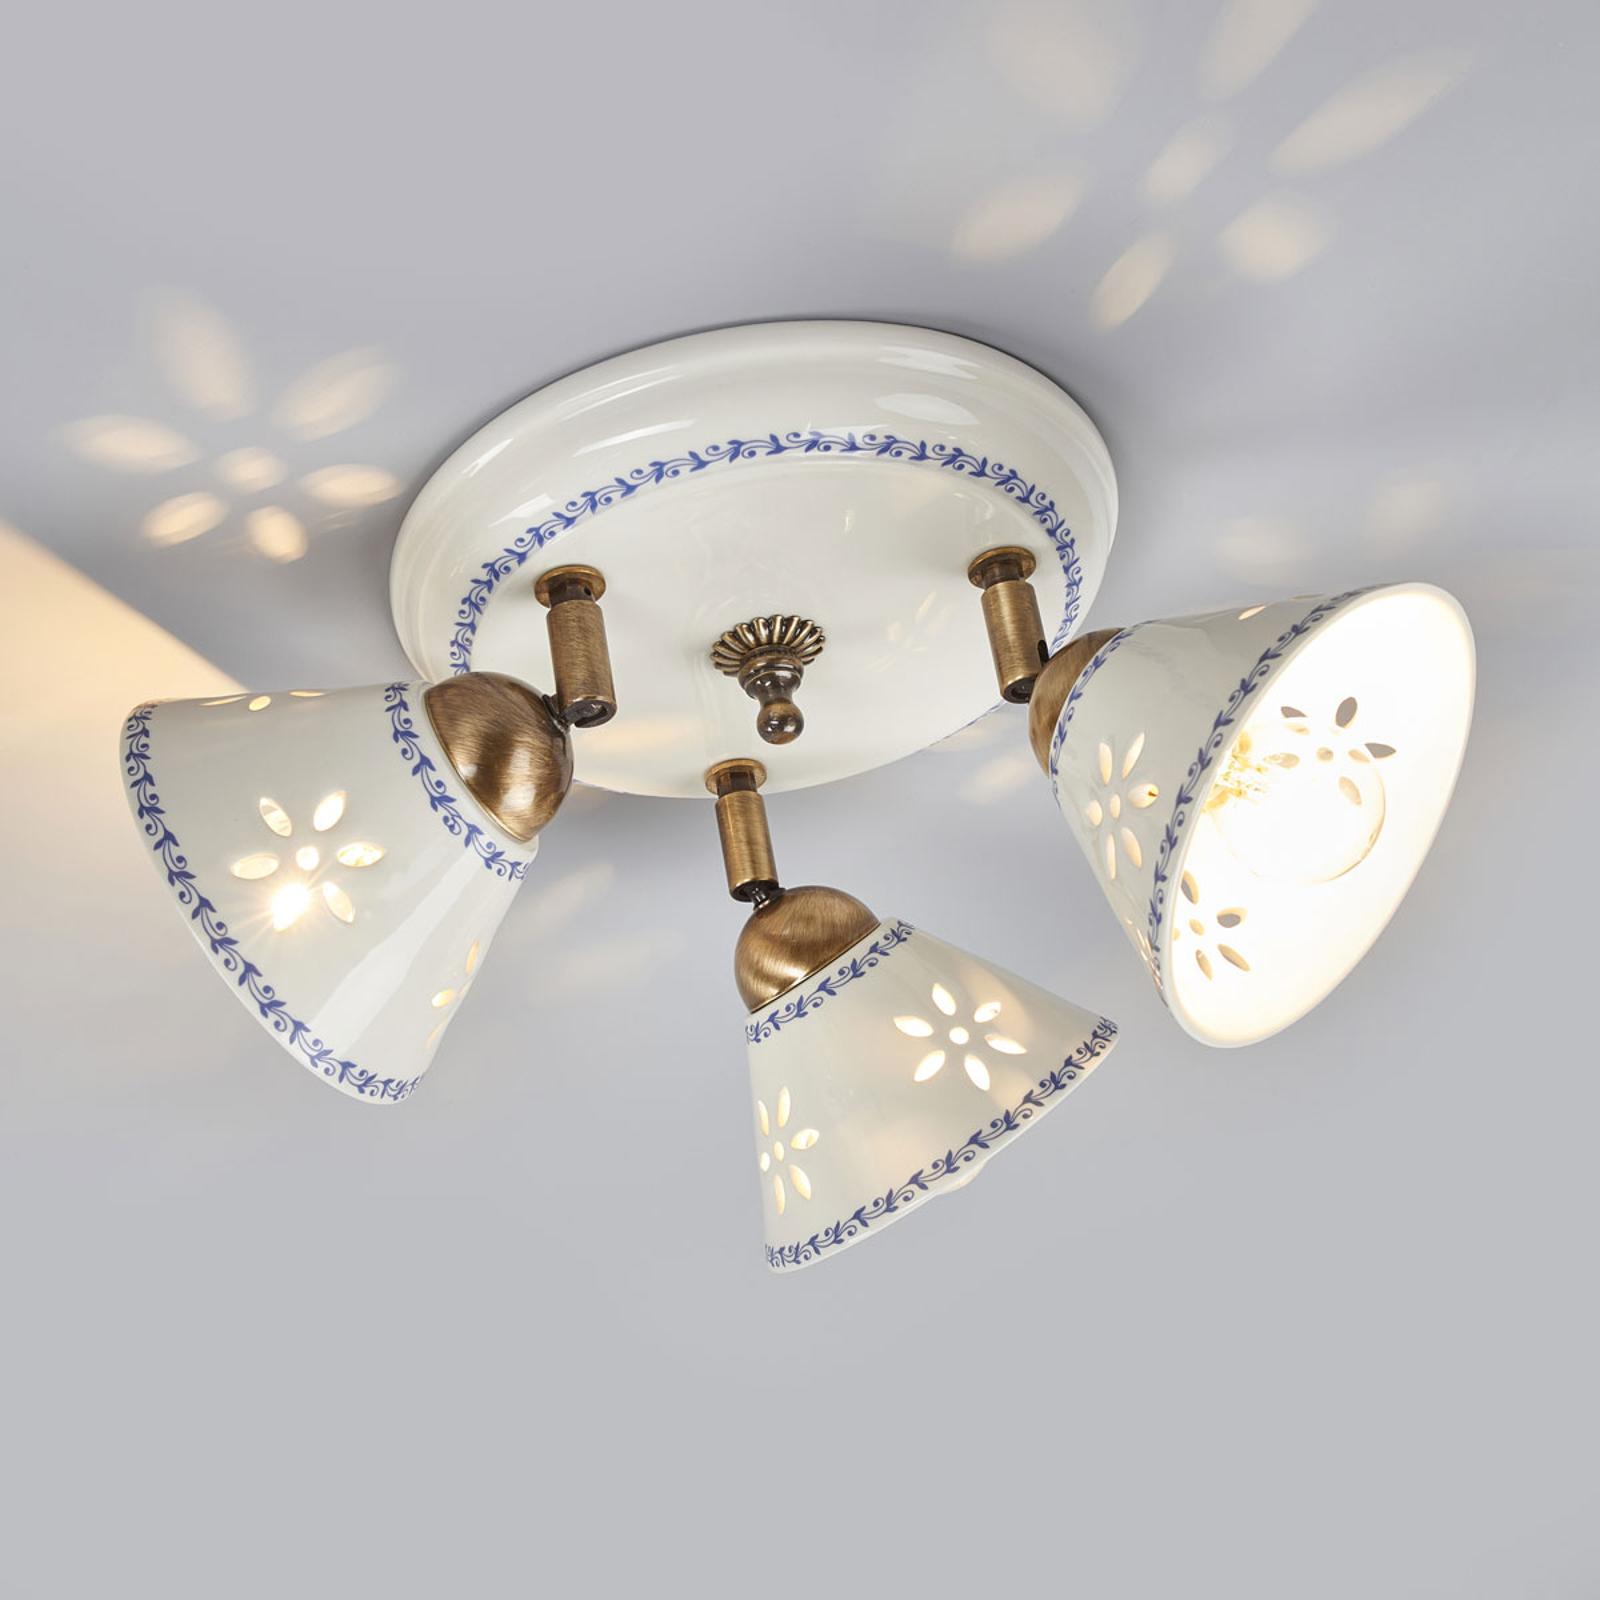 Lampa sufitowa NONNA z białej ceramiki 3 punktowa